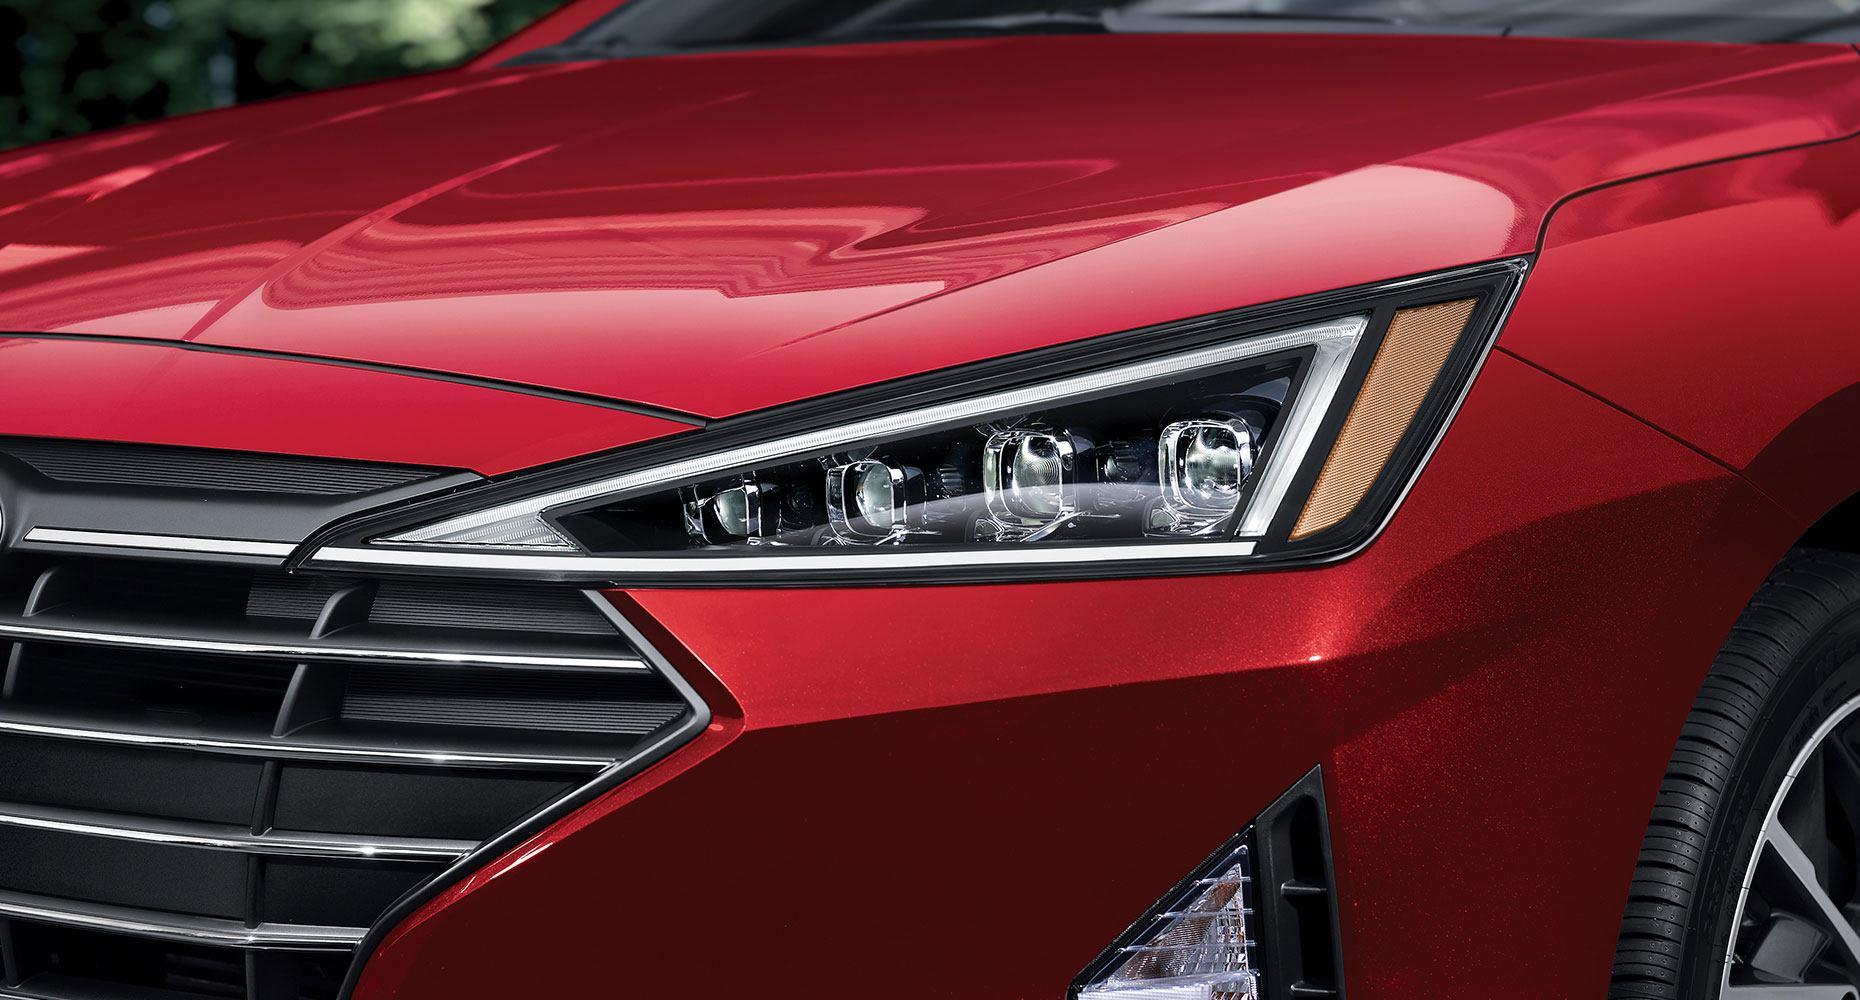 2019 Hyundai Elantra LED Lights@ Milton Hyundai